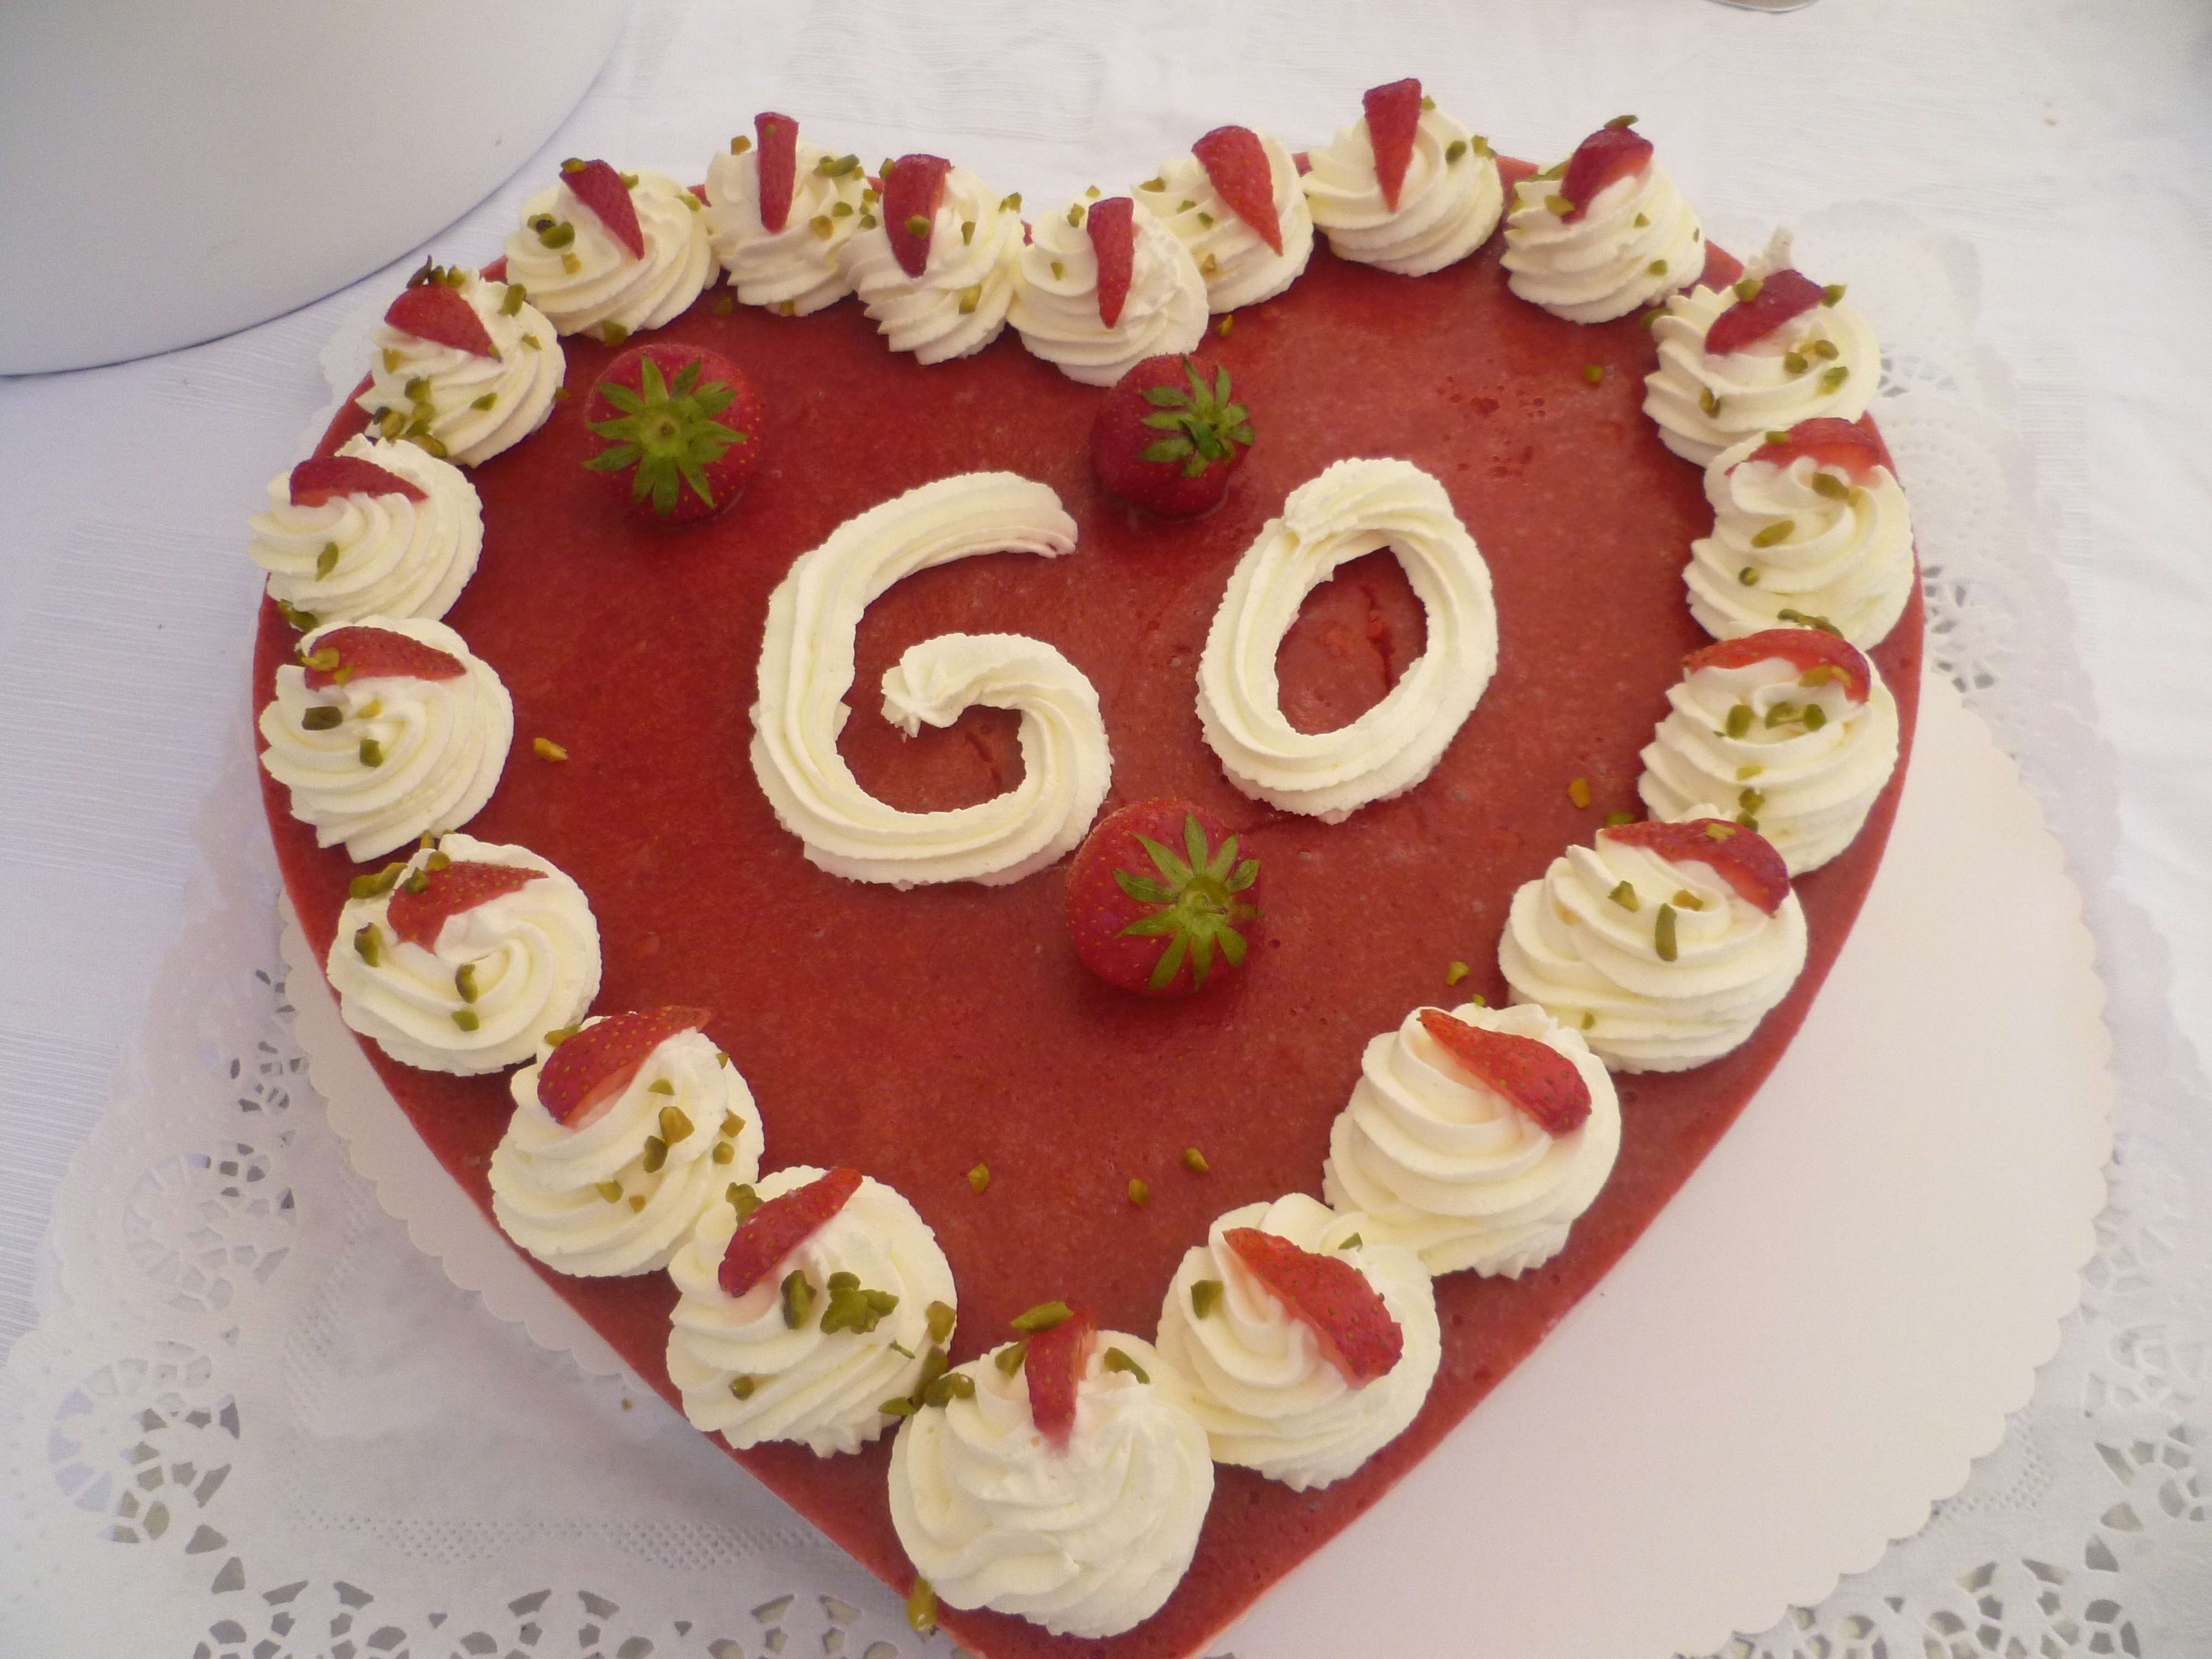 Erdbeer-Herz